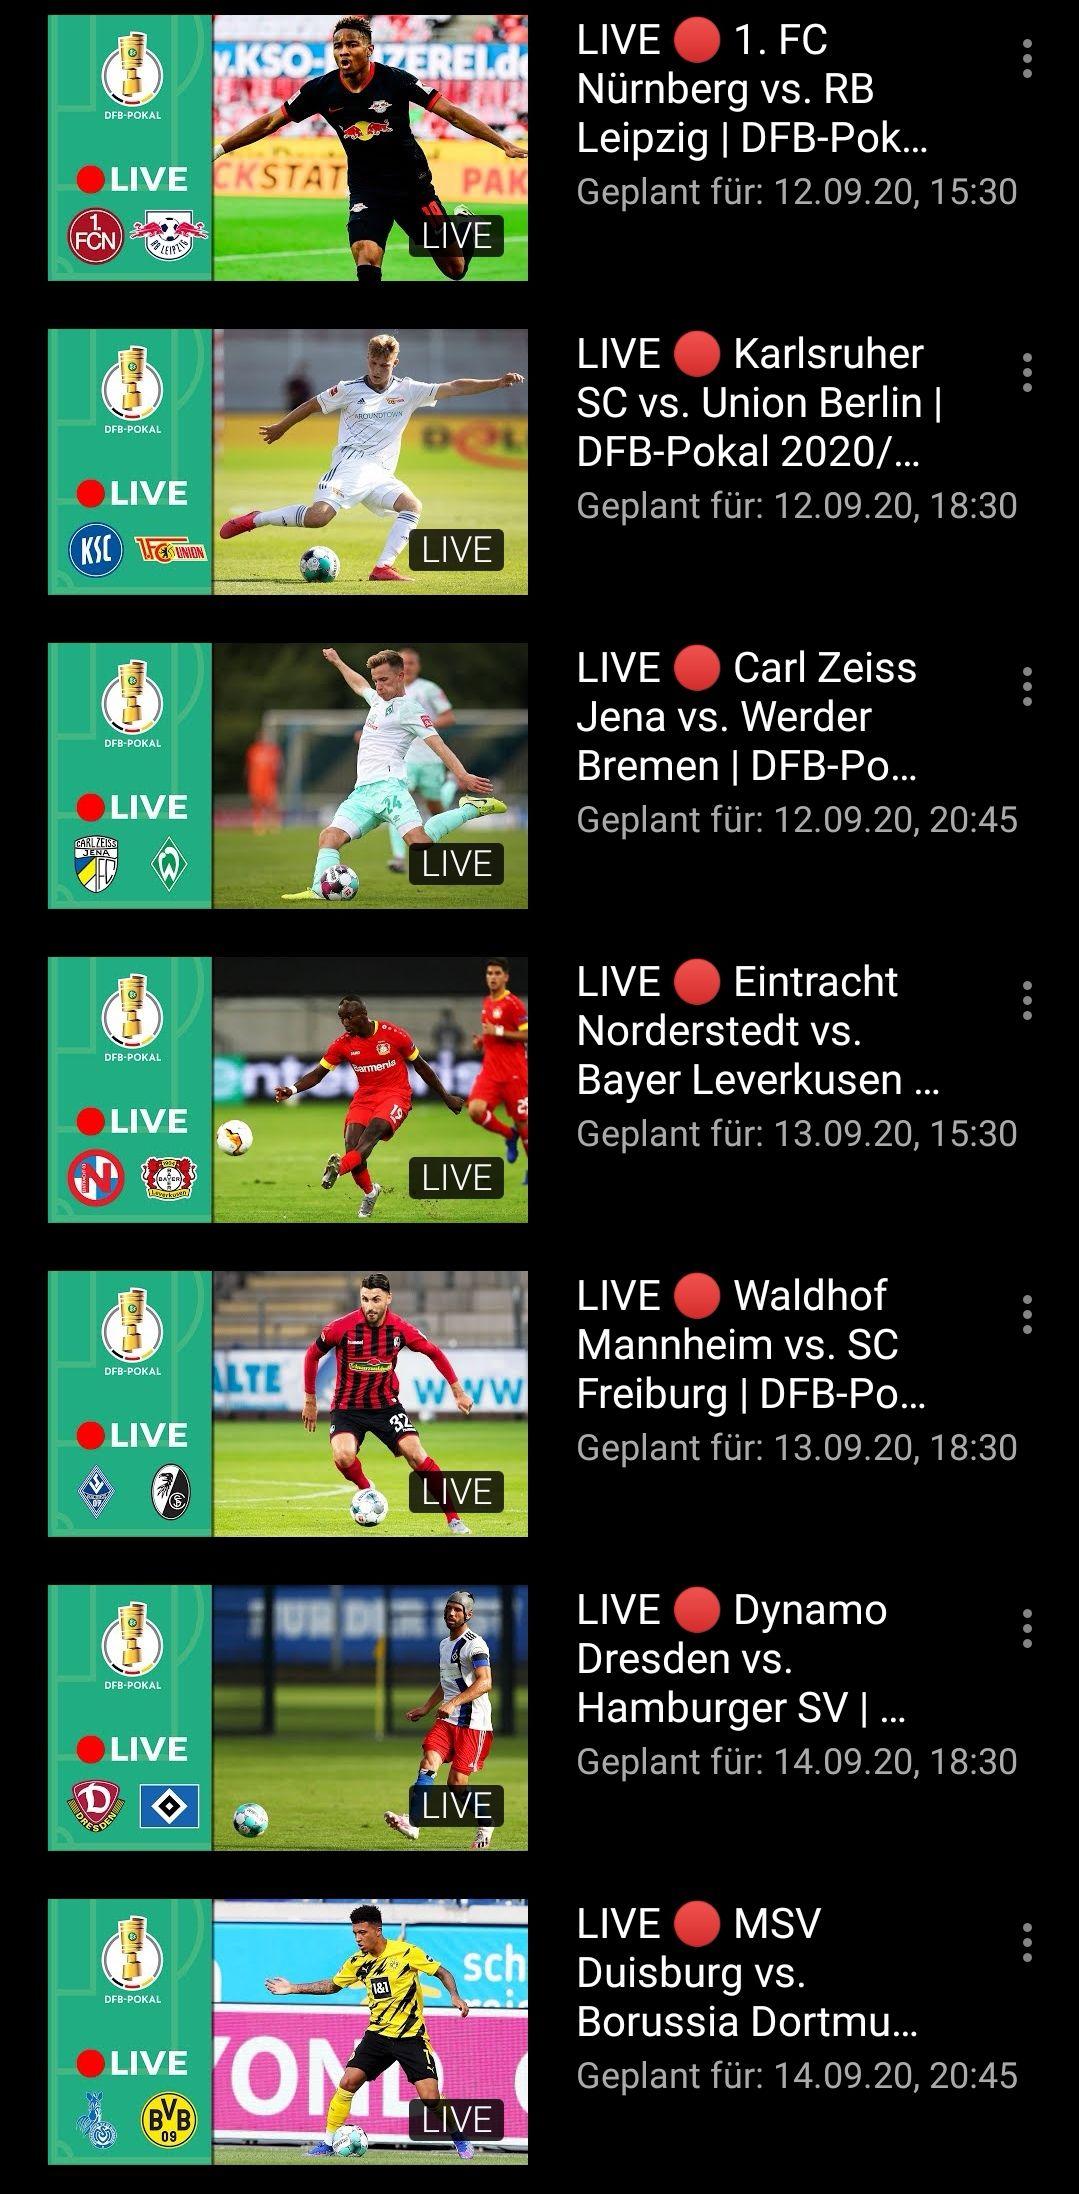 Ausgewählte DFB-Pokal Spiele kostenlos bei Youtube - VPN nötig